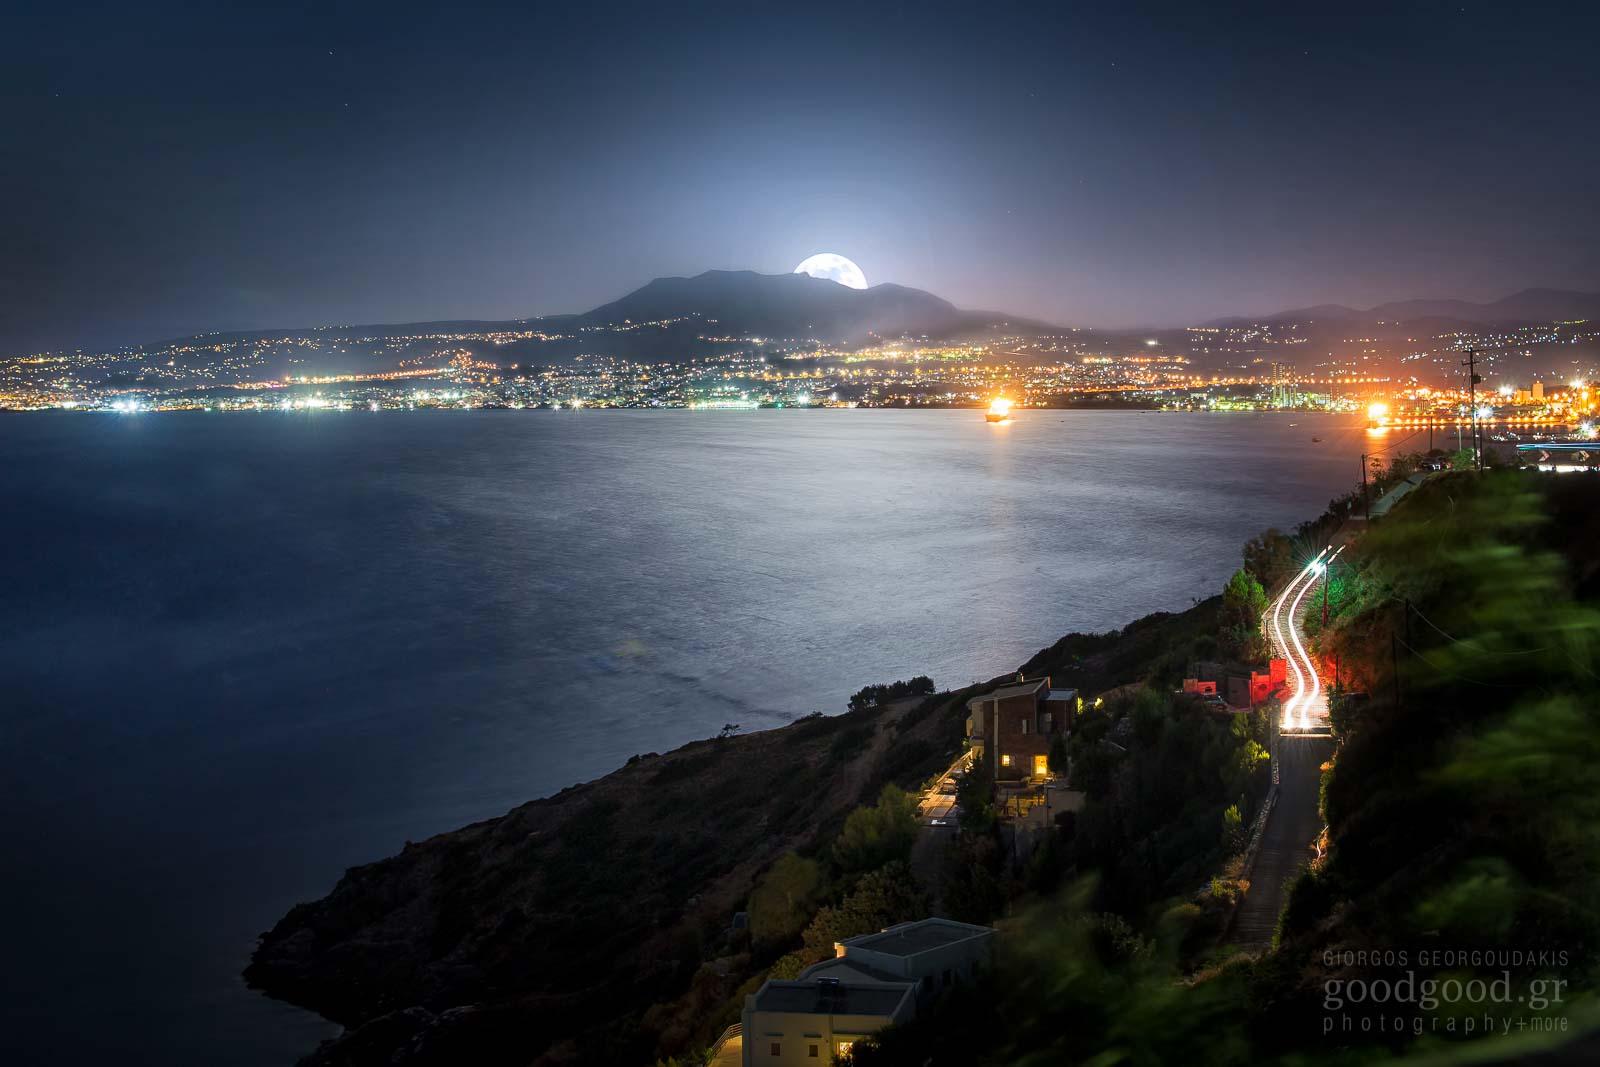 Φωτογραφία του φεγγαριού να ανατέλει επάνω απο την θάλασσα στο Ηράκλειο Κρήτης